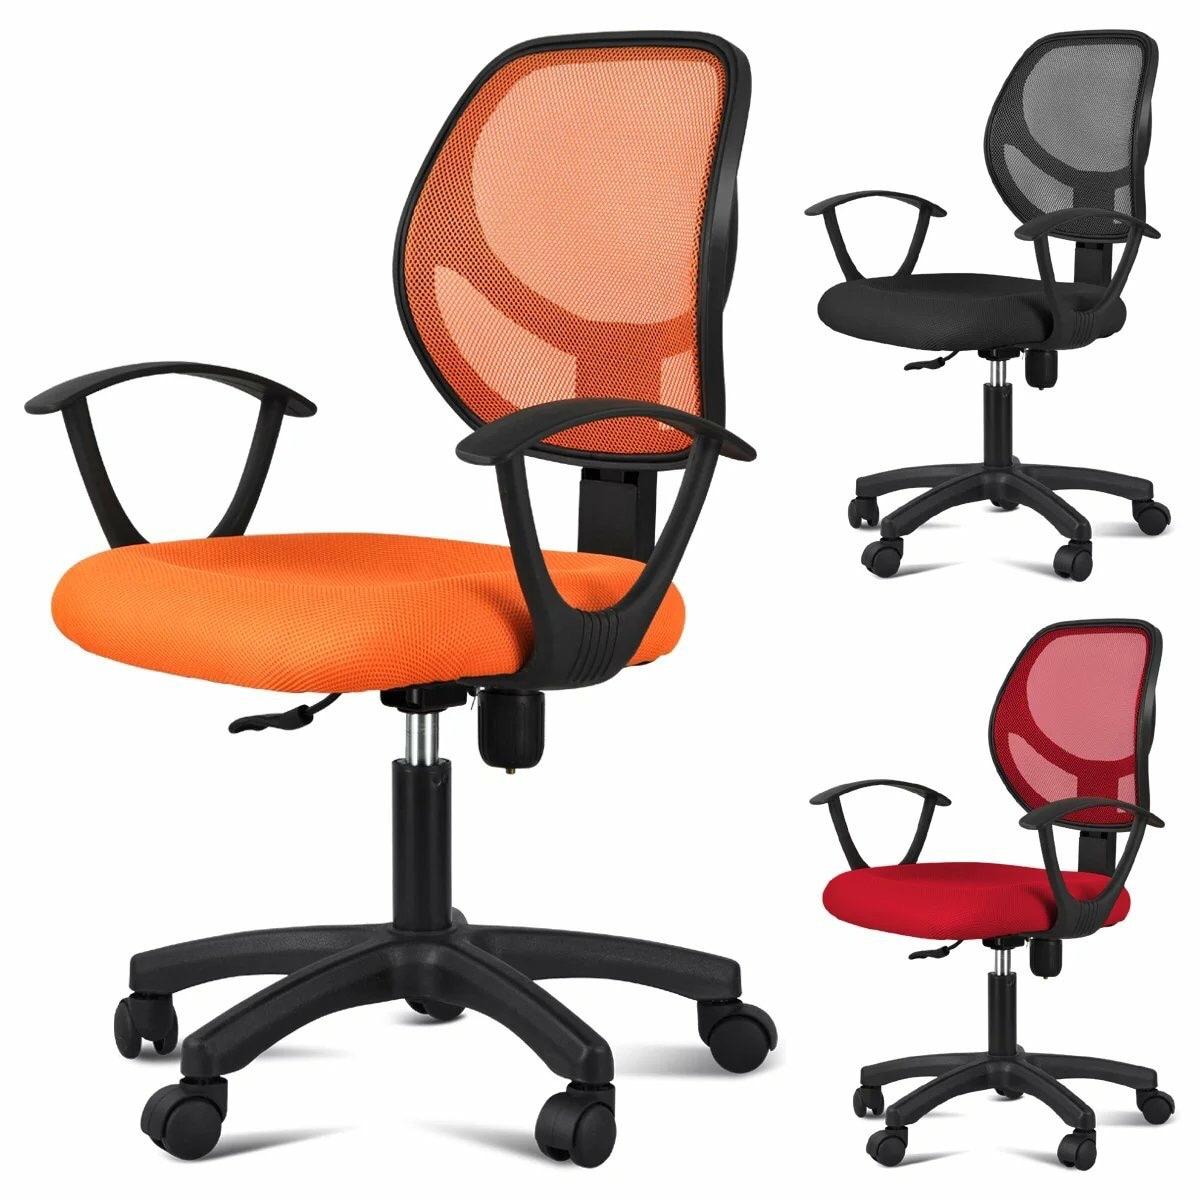 Giới thiệu những mẫu ghế lưới văn phòng cao cấp